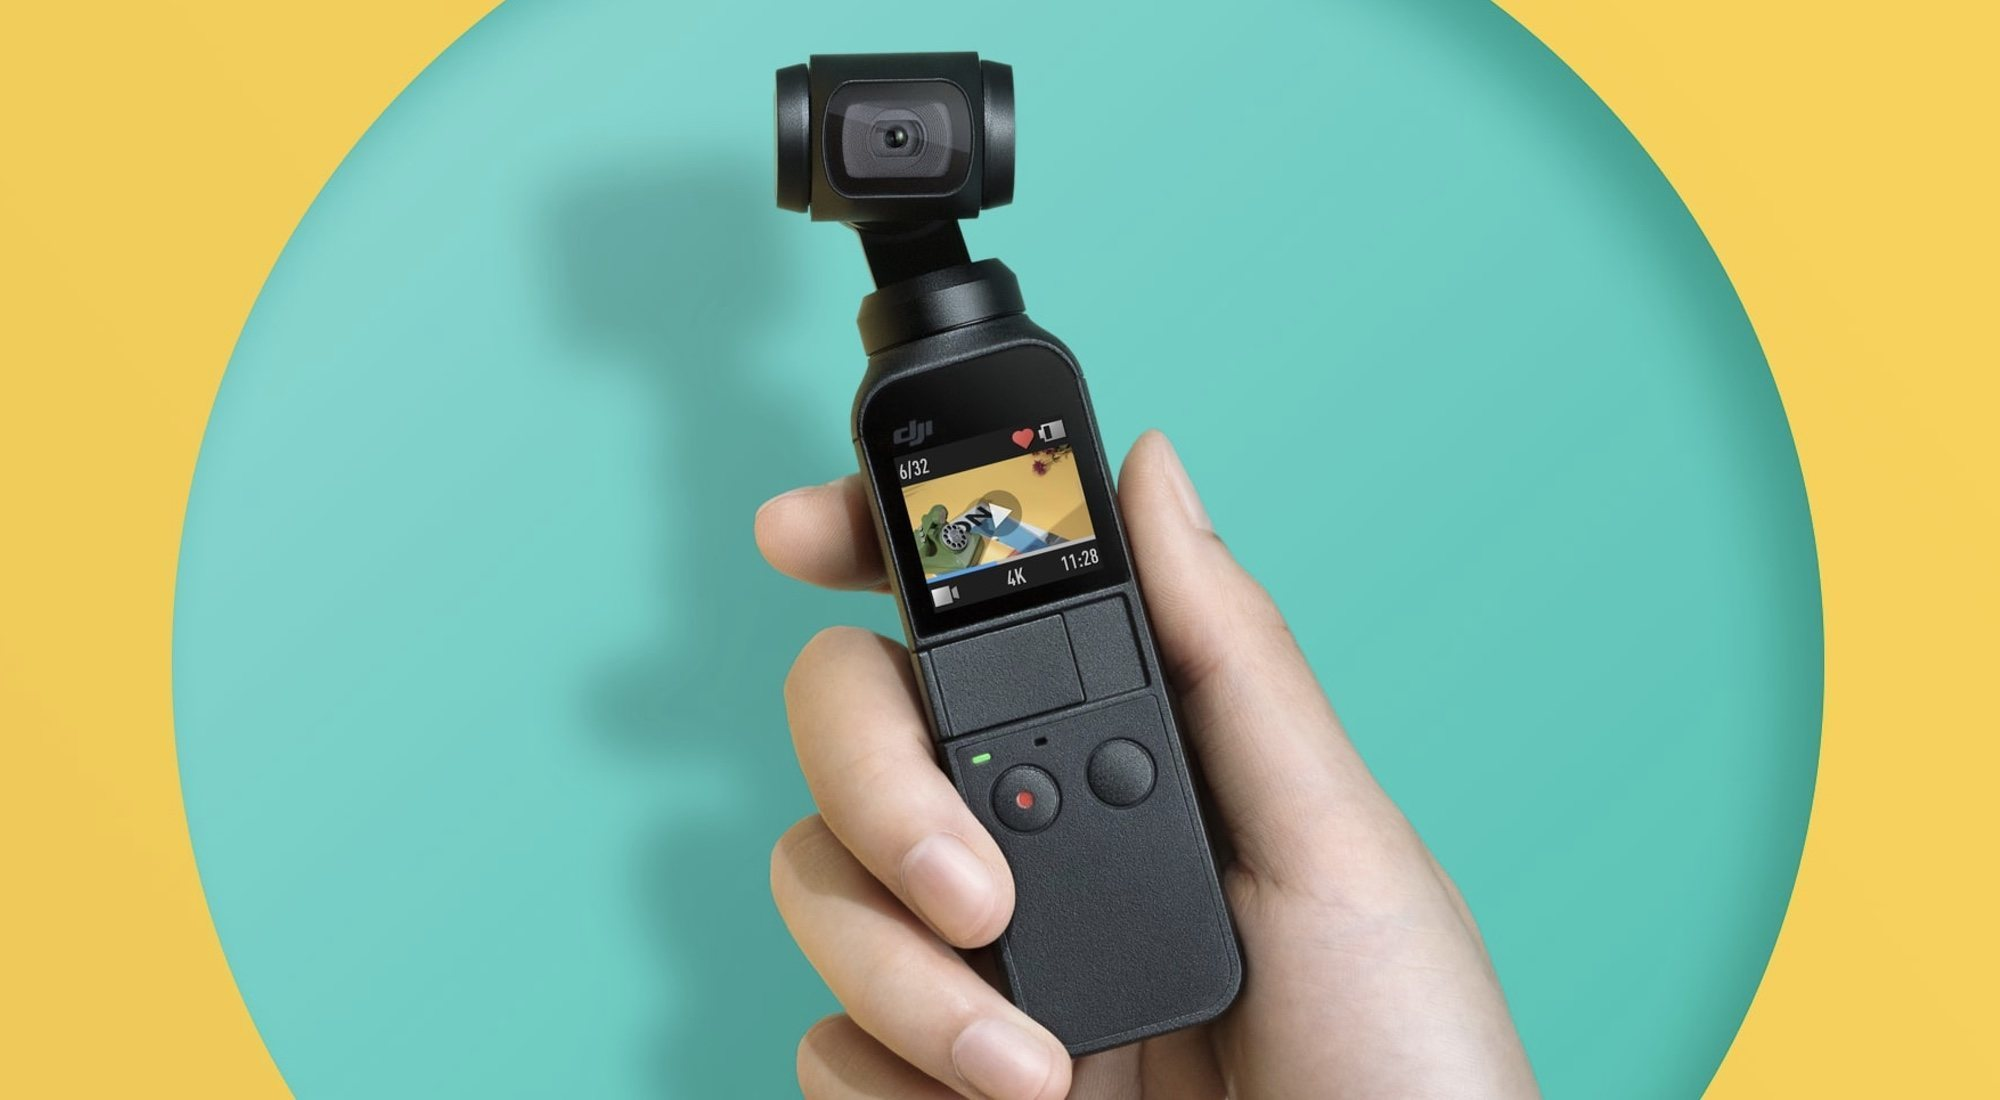 Análisis del DJI Osmo Pocket: la cámara 4K con estabilizador mecánico incorporado